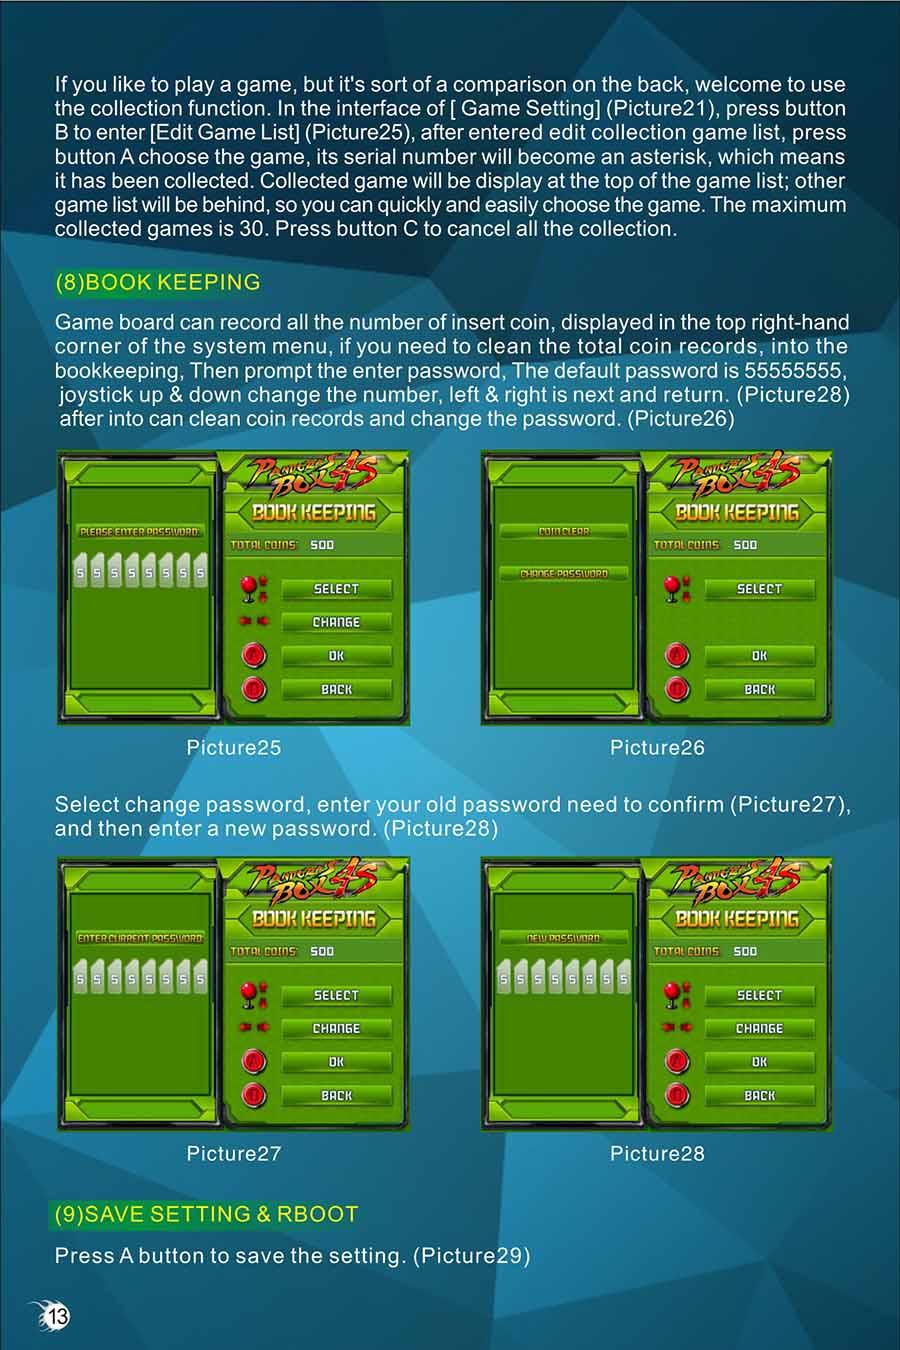 Boto de arcade joystick controlador de jogo caixa de pandora 1 14 fandeluxe Image collections